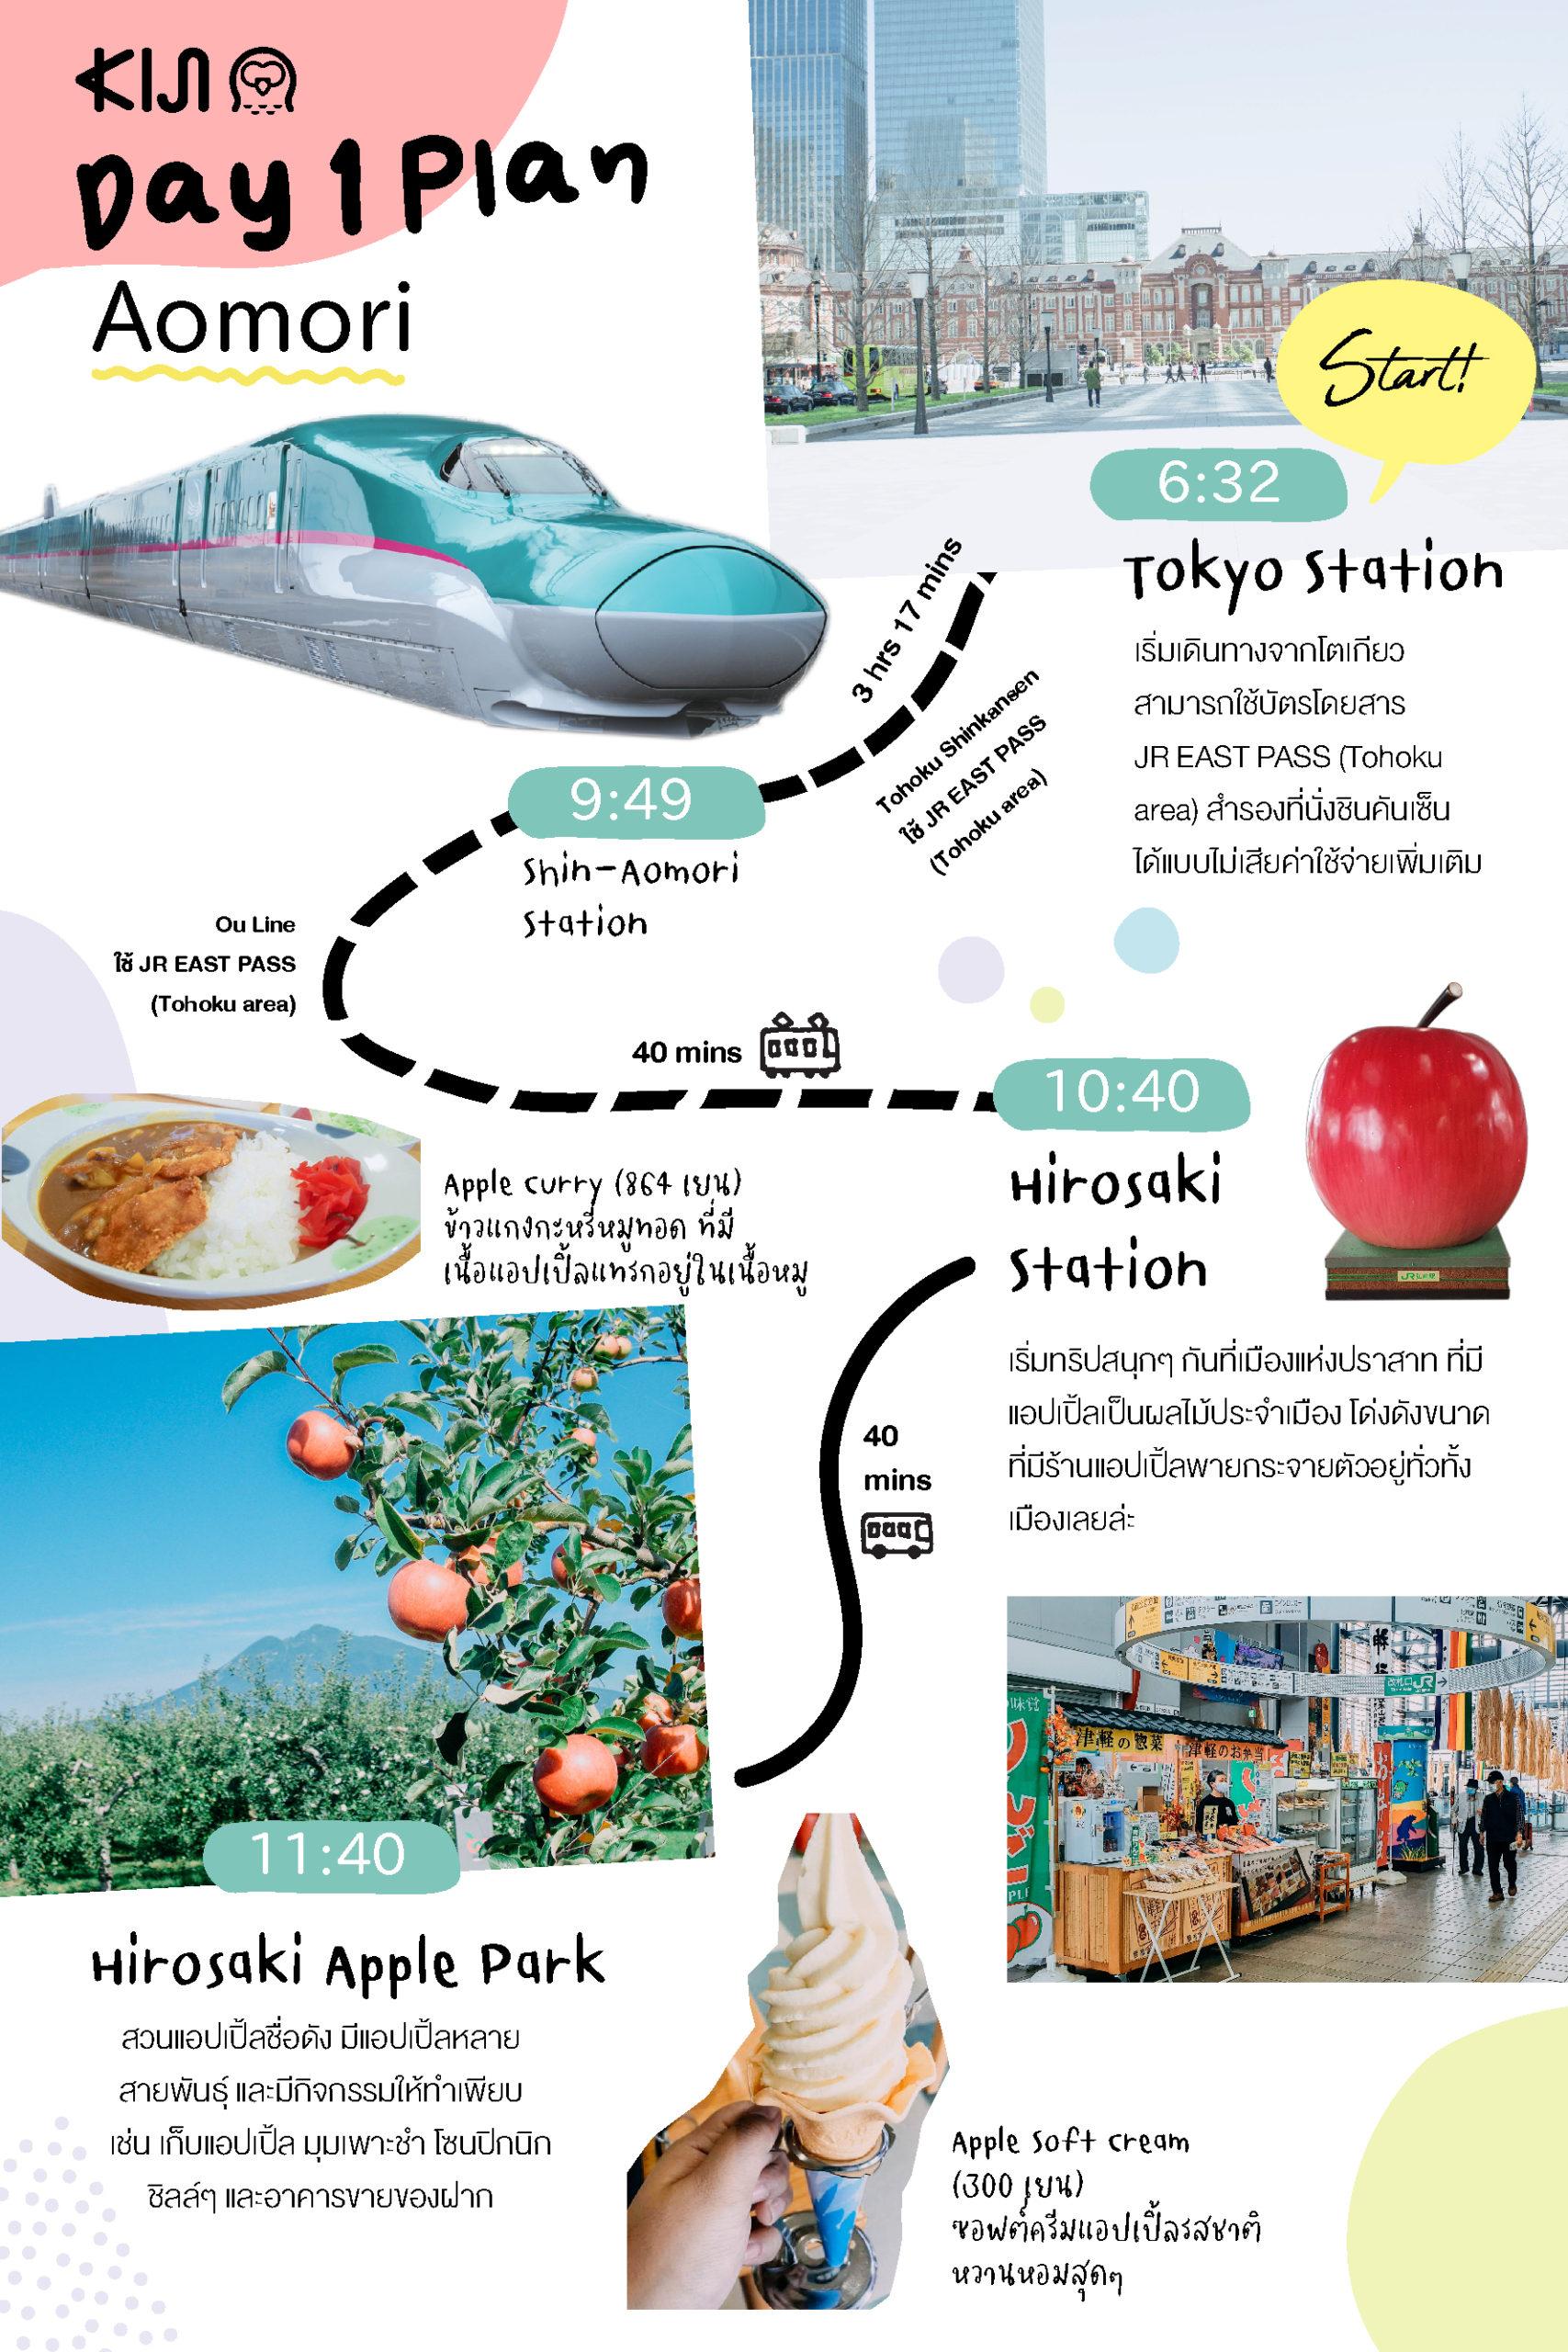 Day 1 Plan : ทริปเที่ยวฤดูร้อนใน อาโอโมริ (Aomori) - อิวาเตะ (Iwate)